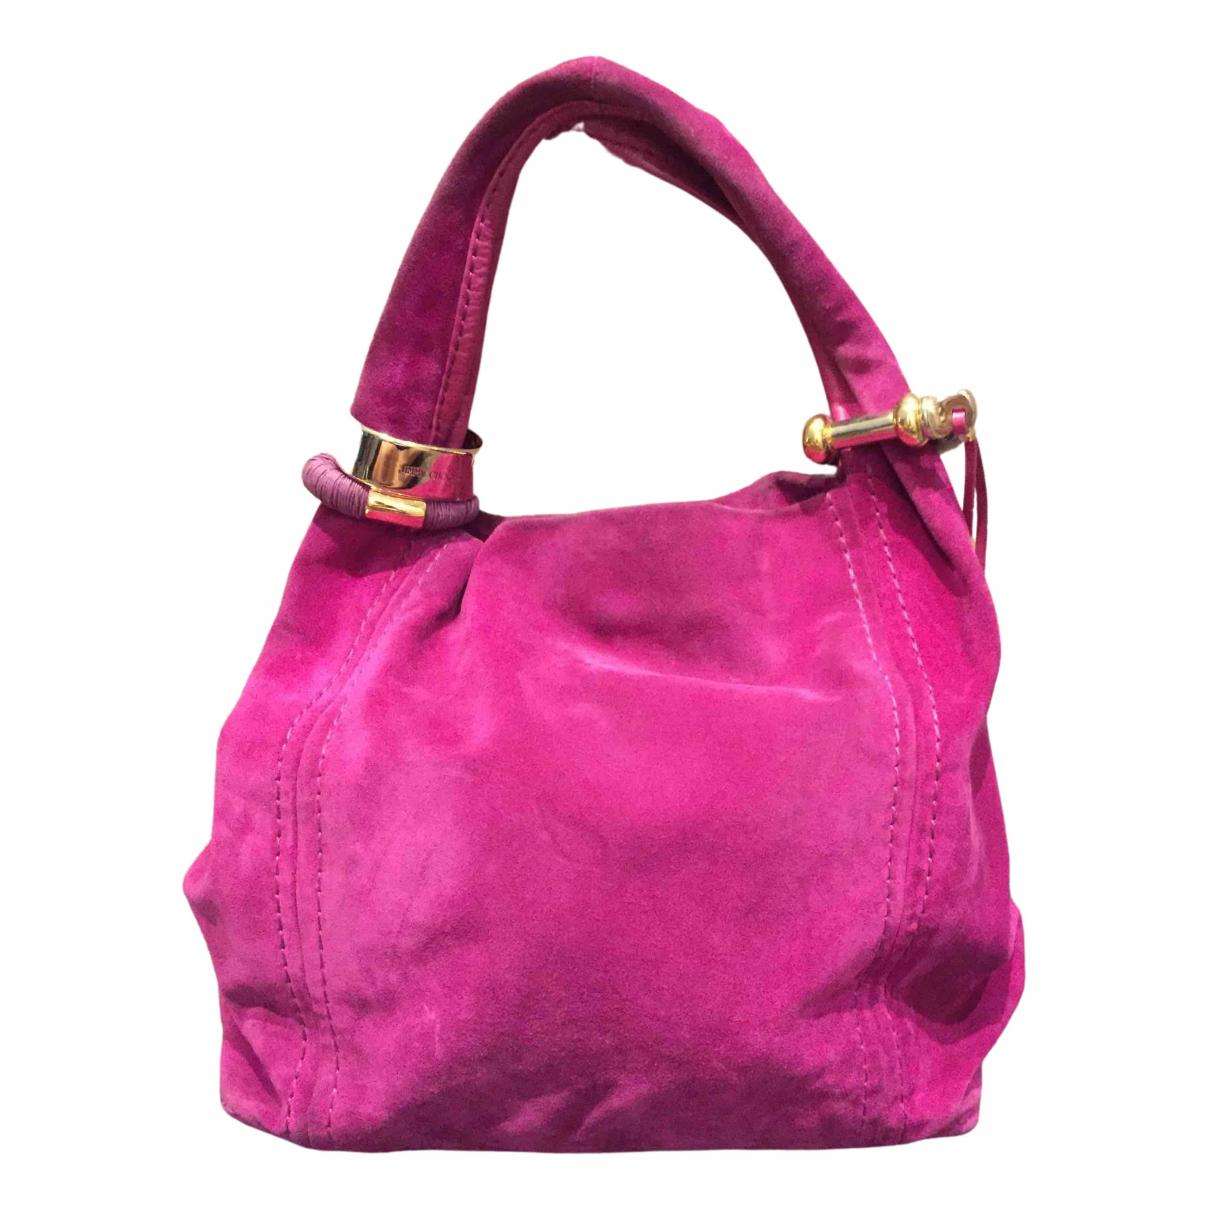 Jimmy Choo \N Pink Suede handbag for Women \N